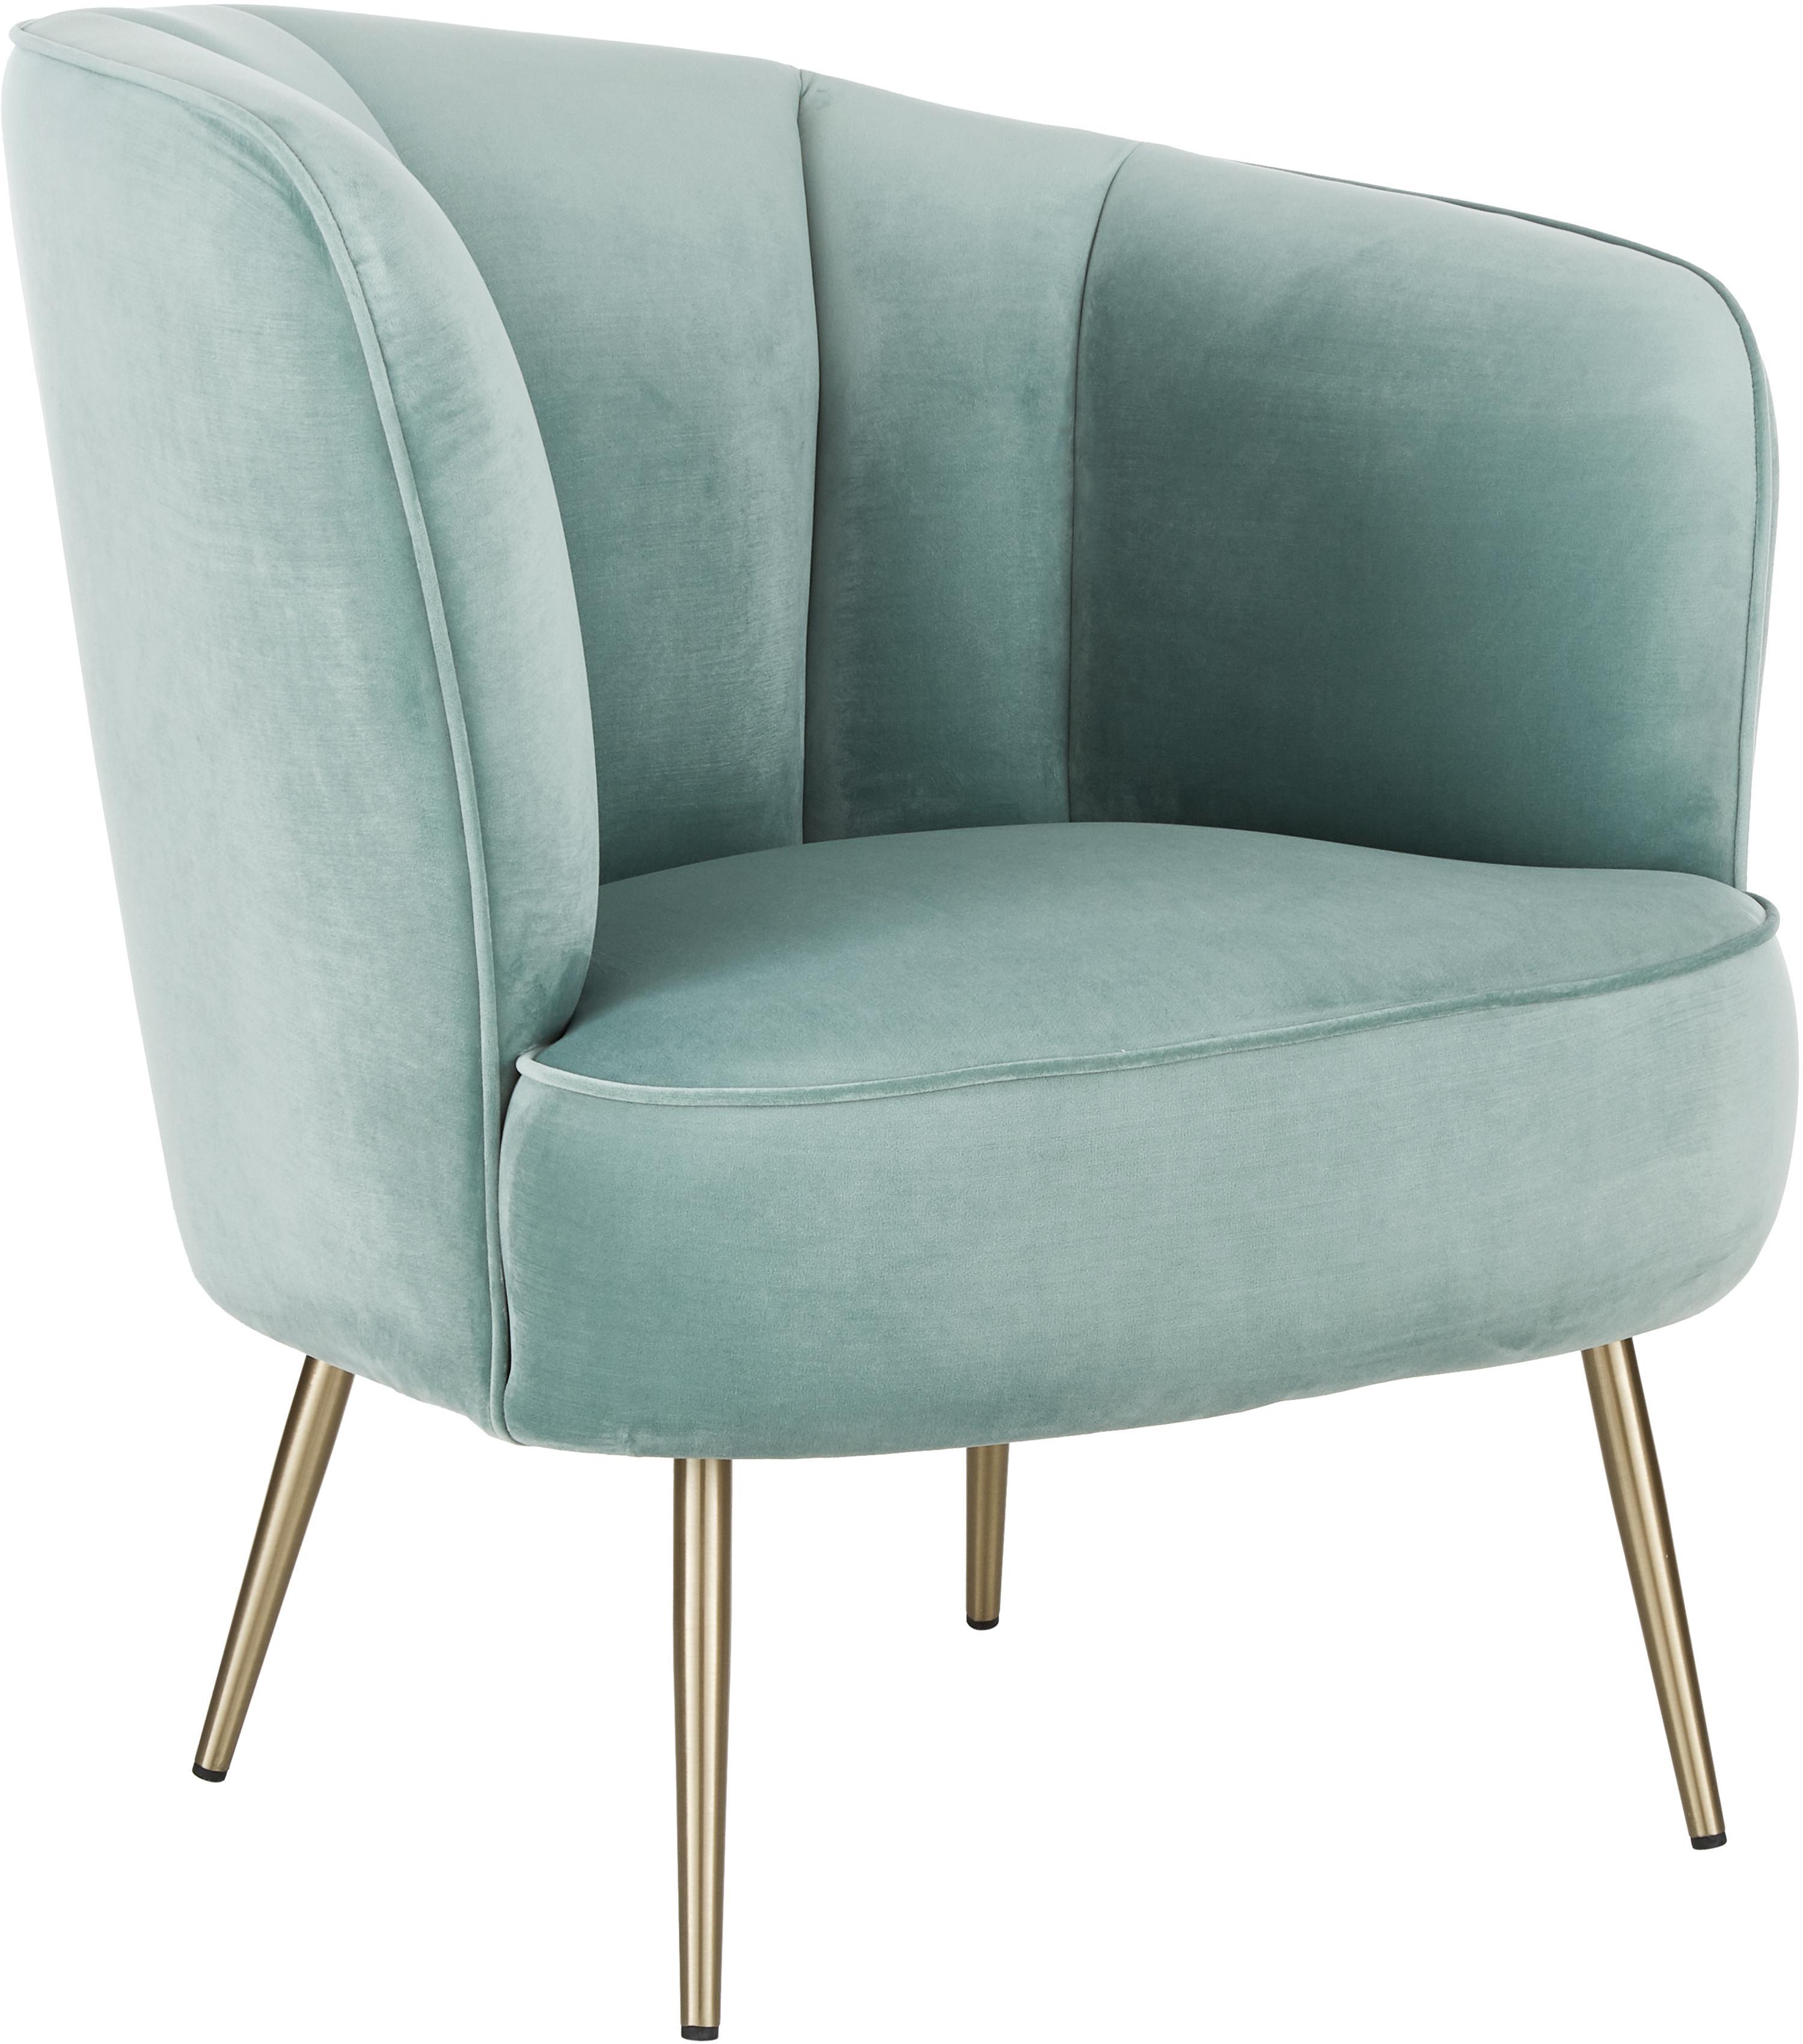 Fluwelen cocktail fauteuil Louise in saliekleur, Bekleding: fluweel (polyester), Poten: gecoat metaal, Fluweel saliekleurig, B 76 x D 75 cm